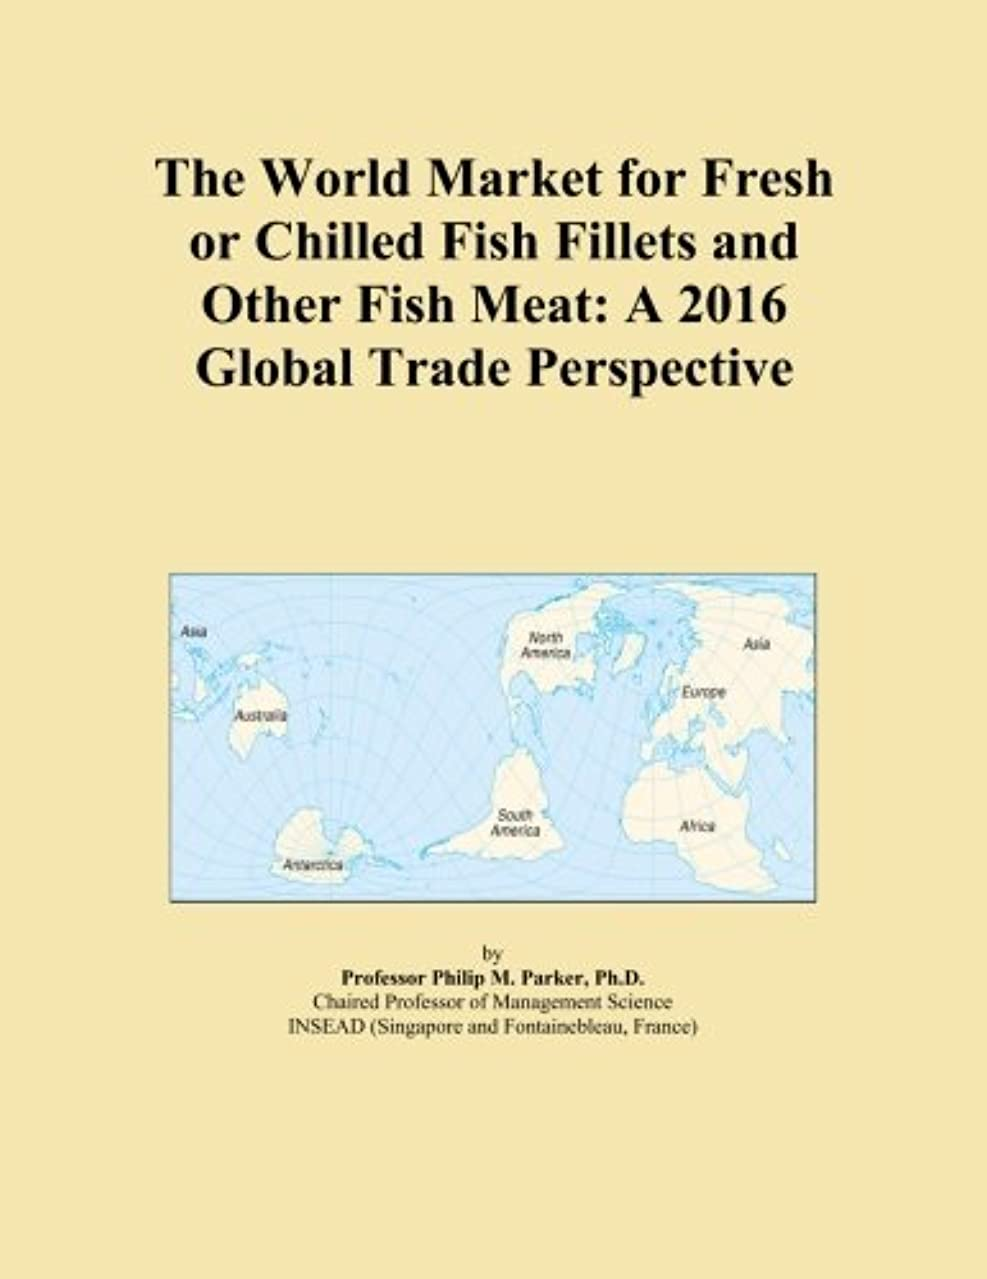 以内に特許キャッシュThe World Market for Fresh or Chilled Fish Fillets and Other Fish Meat: A 2016 Global Trade Perspective